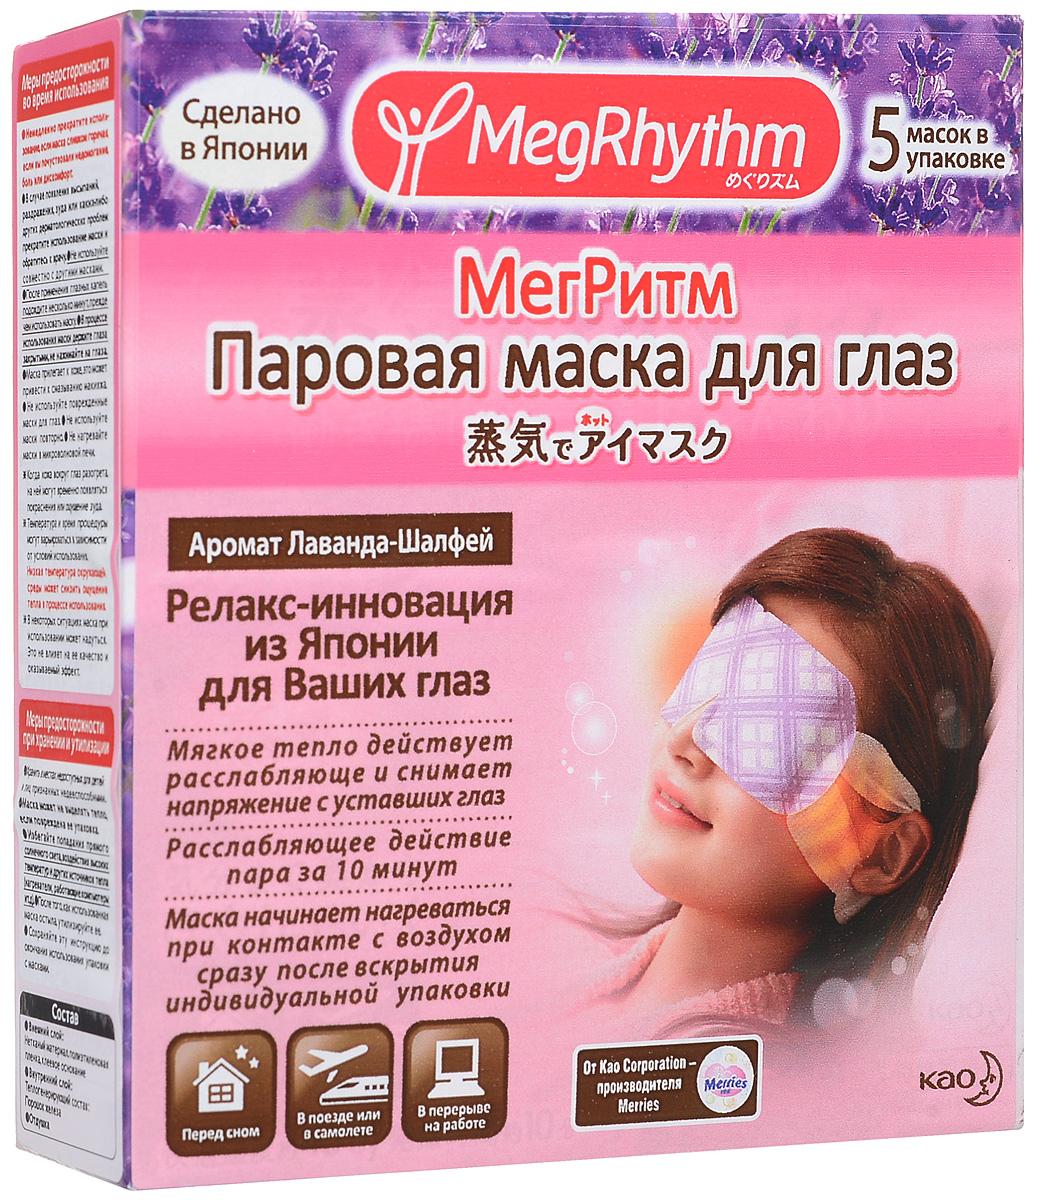 MegRhythm Паровая маска для глаз (Лаванда - Шалфей) 5 штZ3402Снимите напряжение с ваших уставших глаз с помощью паровой маски. Теплый пар температурой около 40 С в течение 10 минут мягко окутывает глаза. * В процессе использования пар невидим, но его эффект можно почувствовать по увлажнению кожи вокруг глаз после завершения процедуры. SPA - процедура на основе согревающего пара успокоит, снимет напряжение, и ваши отдохнувшие глаза снова засияют. Ультратонкий, идеально прилегающий к коже материал. Удобные ушные петли позволяют использовать маску в любом положении. Маска начинает нагреваться сразу после вскрытия что делает ее удобной для использования в любой ситуации. Гигиеническая одноразовая маска удобна в использовании. Уважаемые клиенты! Обращаем ваше внимание на возможные изменения в дизайне упаковки. Качественные характеристики товара остаются неизменными. Поставка осуществляется в зависимости от наличия на складе.